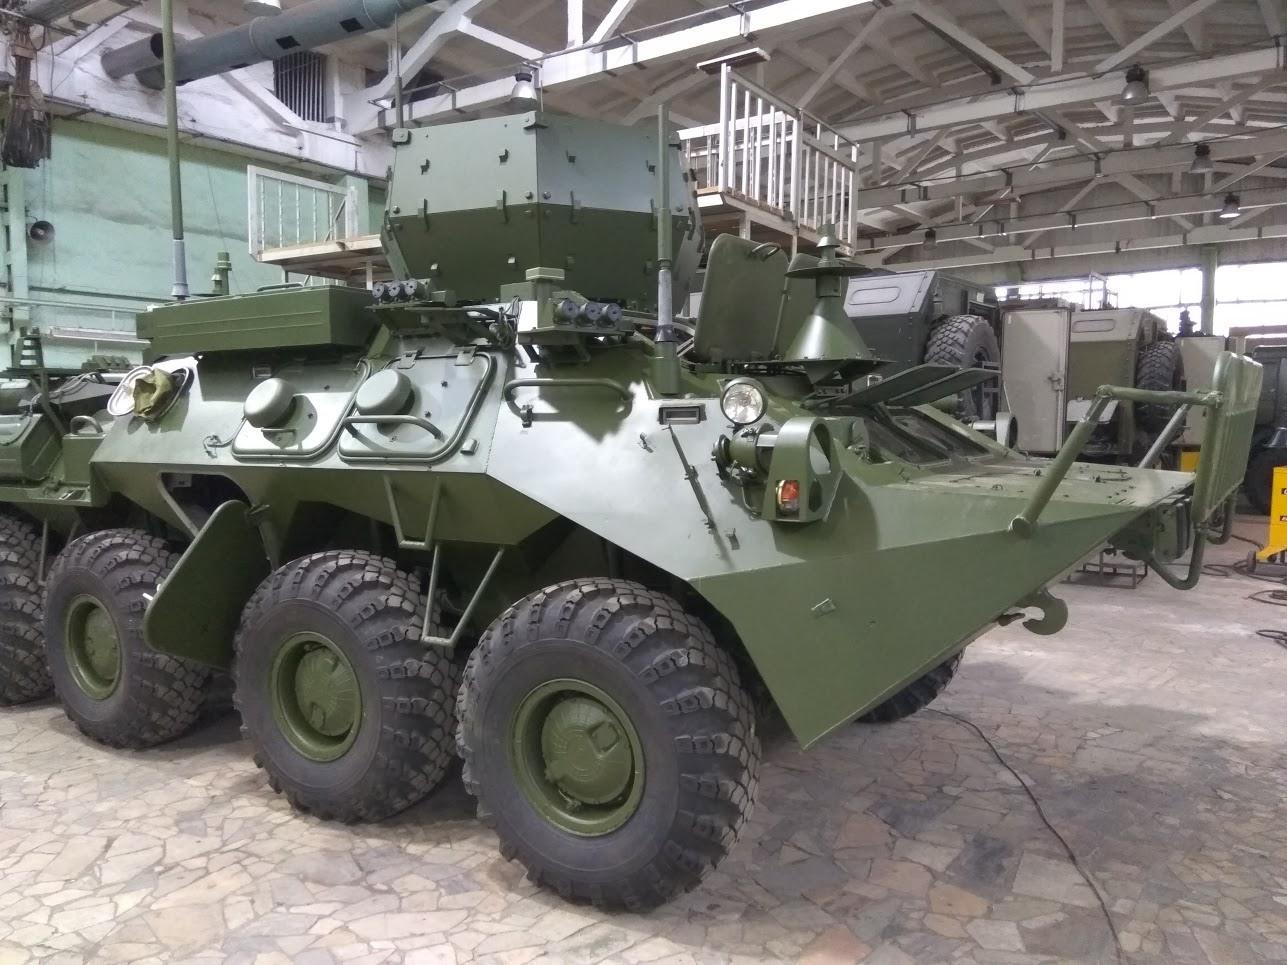 Предприятия оборонного комплекса получат новые возможности для развития